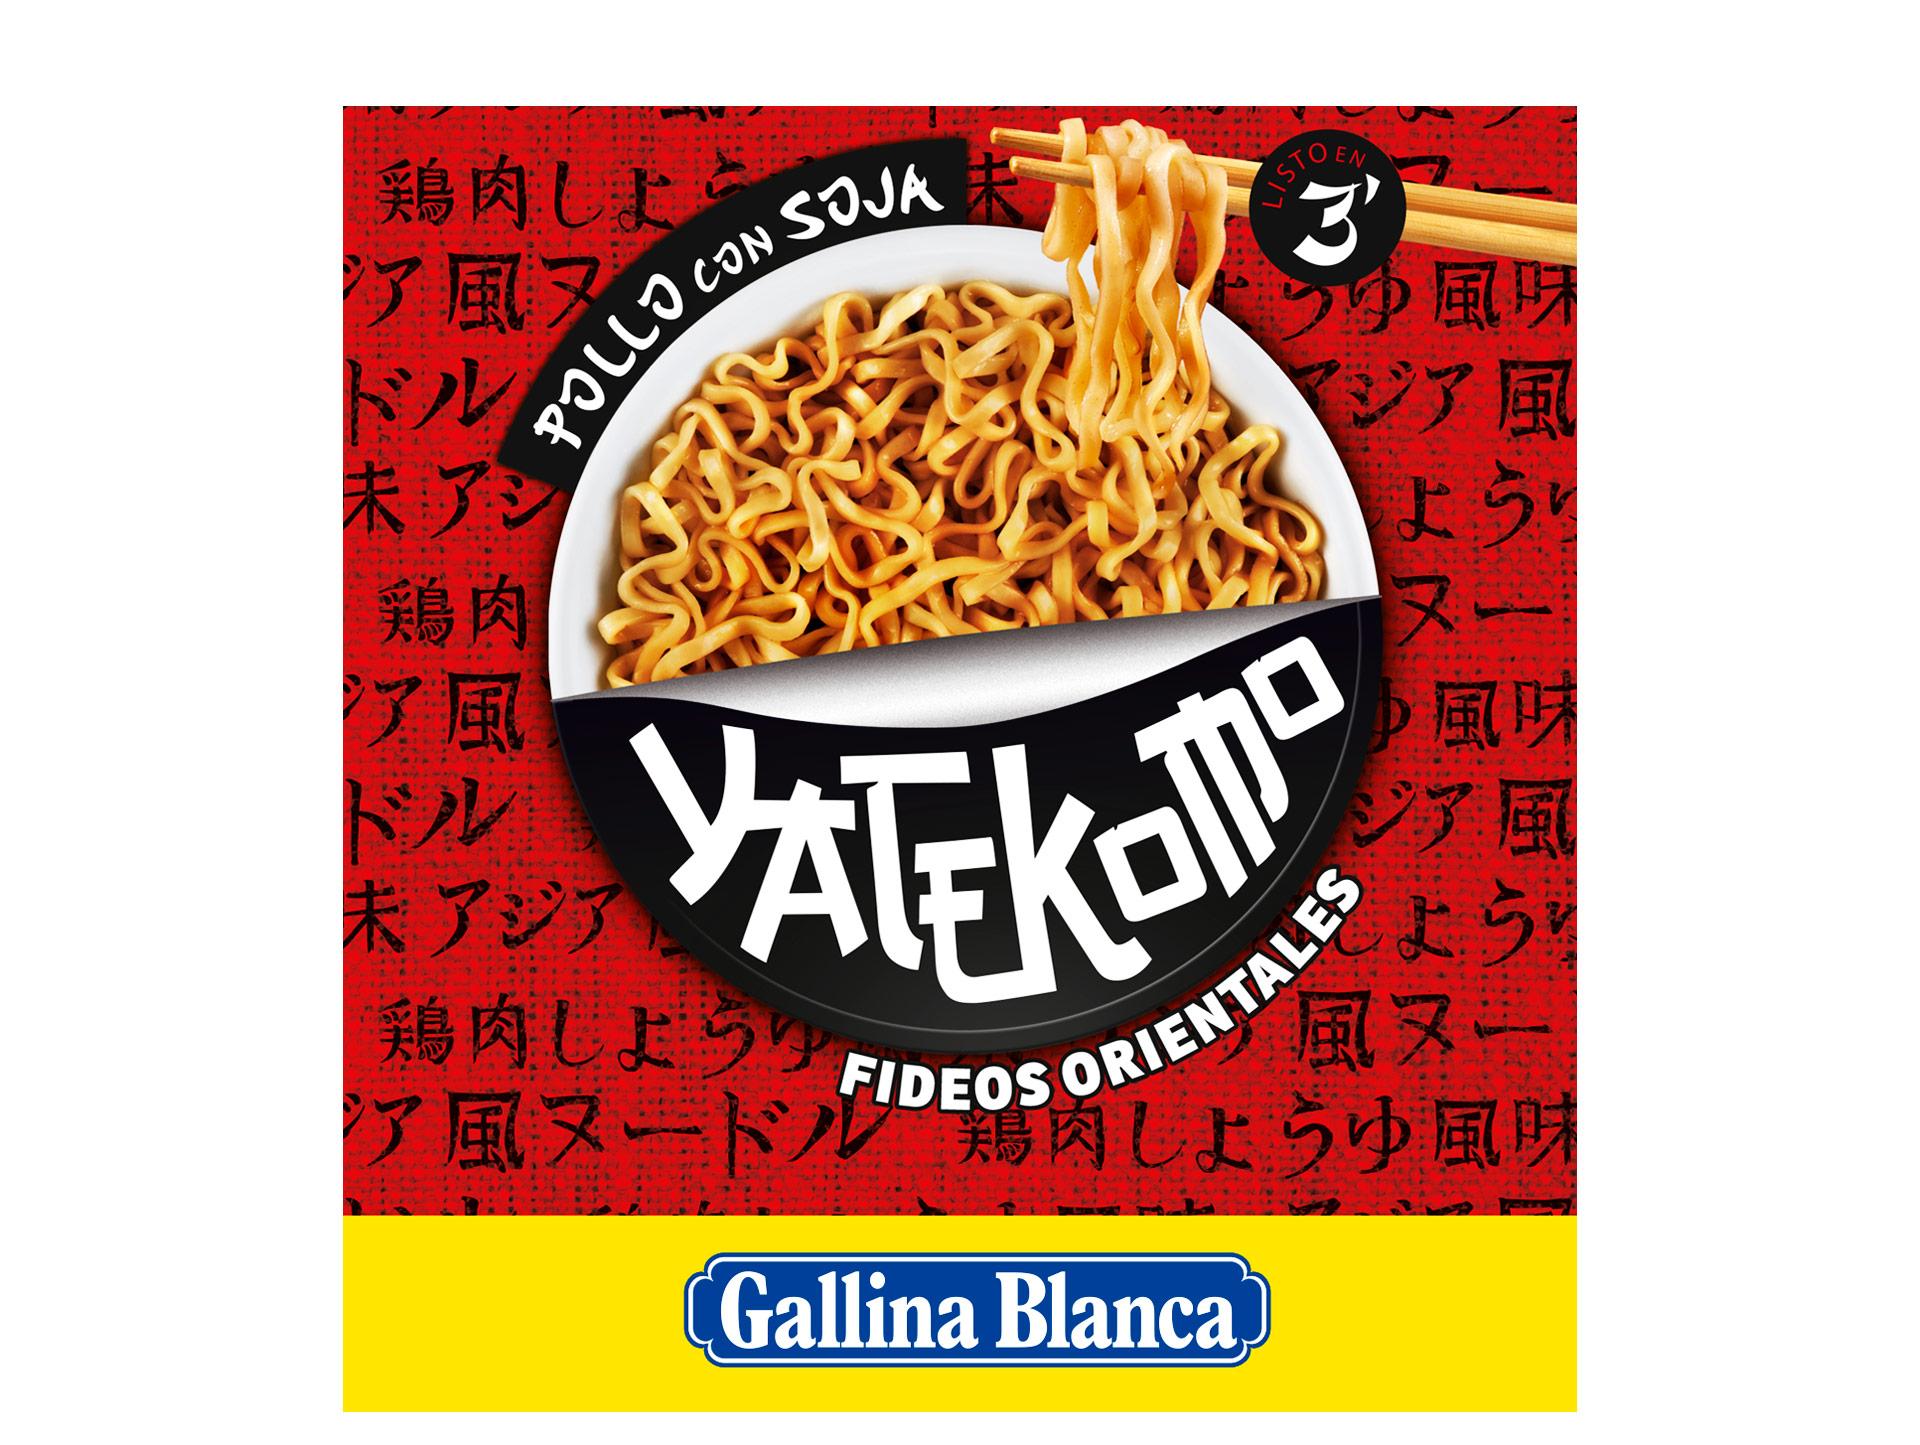 Yatekomo_01.1.jpg